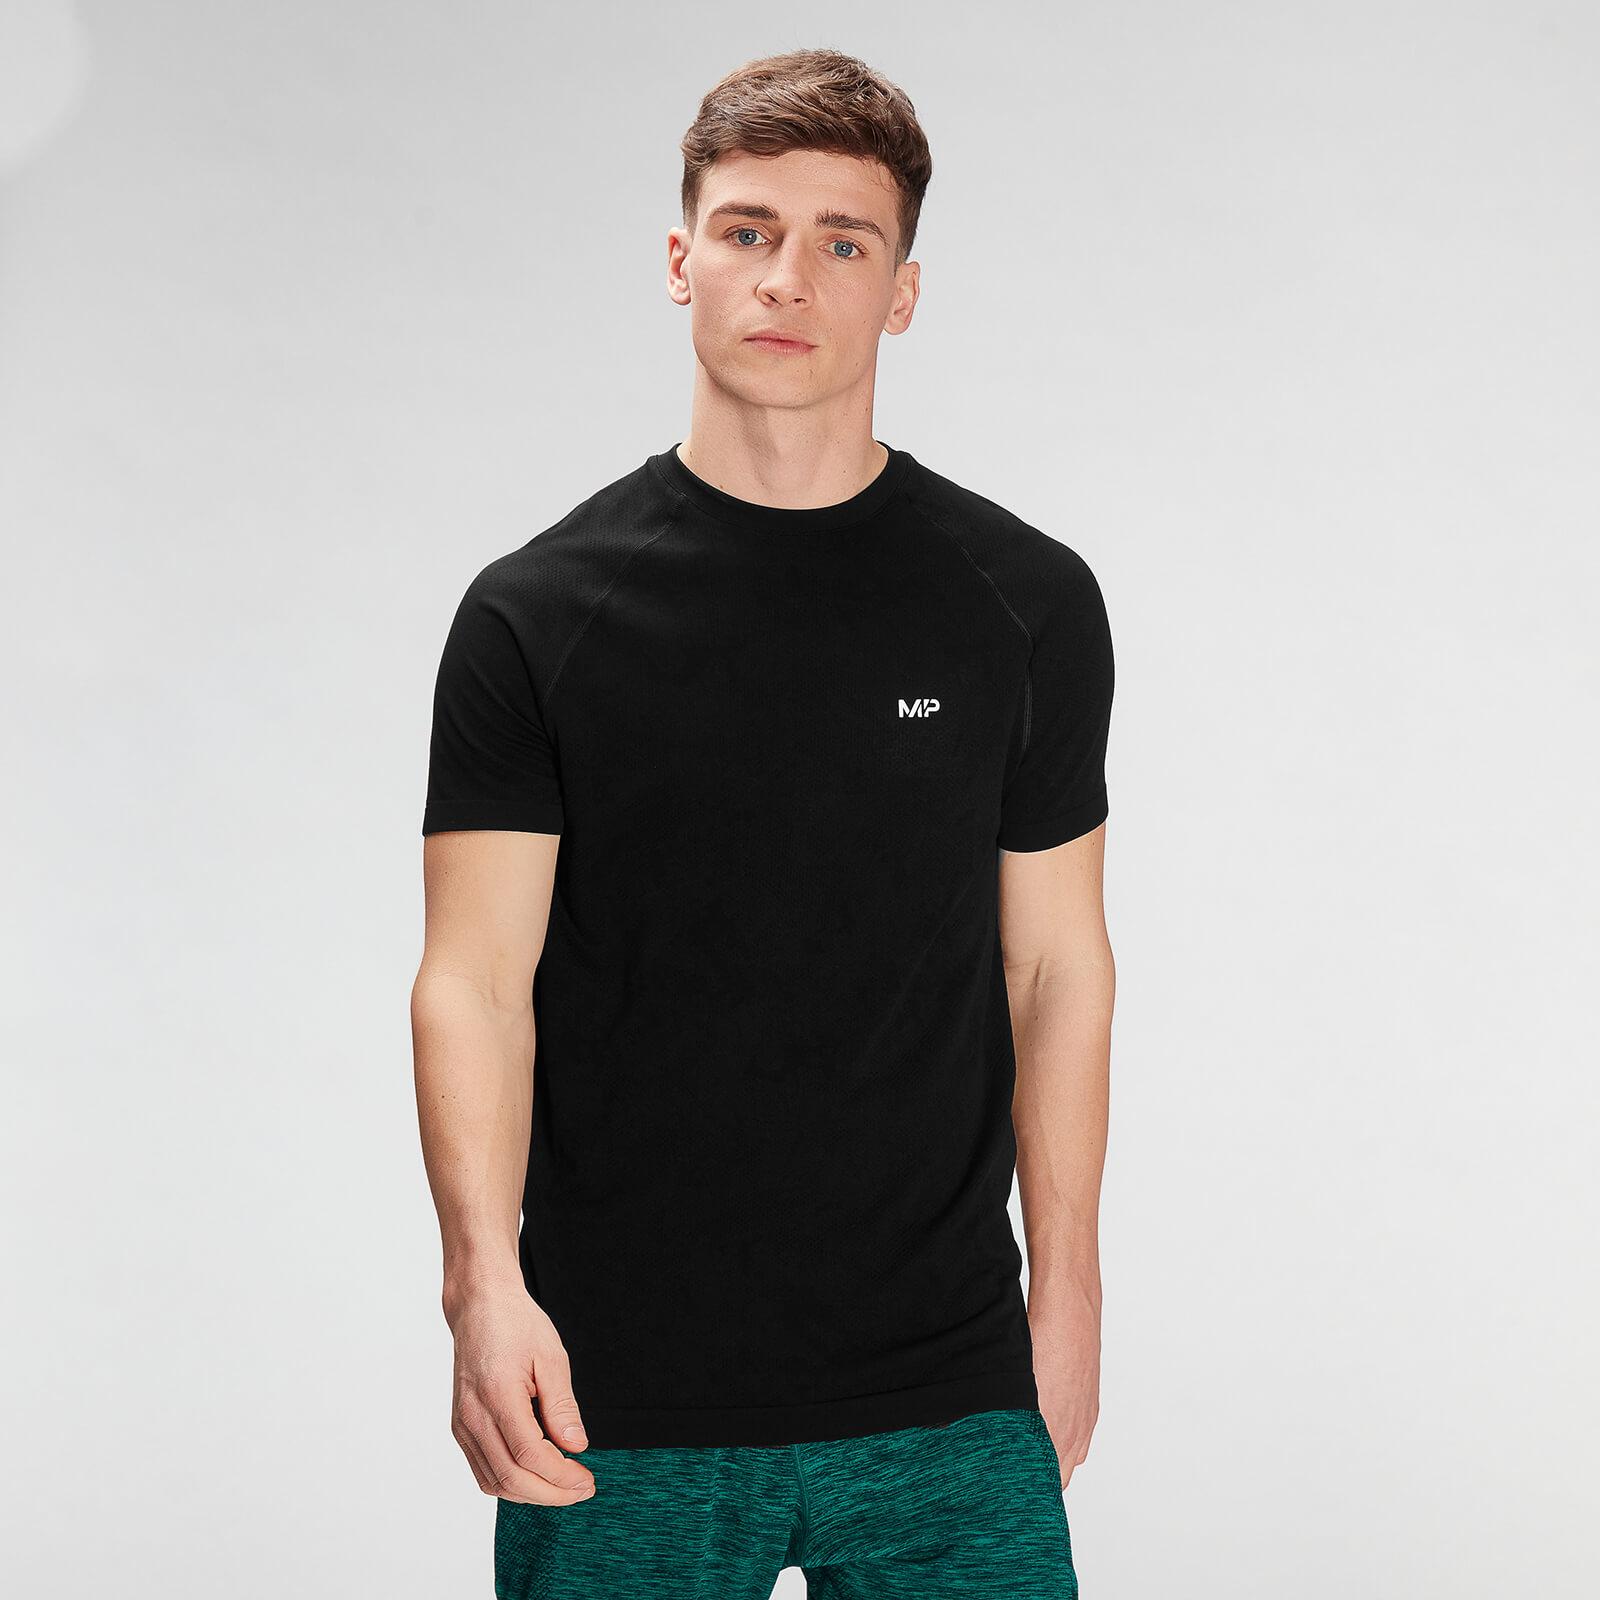 MP Men's Essential Seamless Graphic Short Sleeve T-Shirt- Black - S, Myprotein International  - купить со скидкой